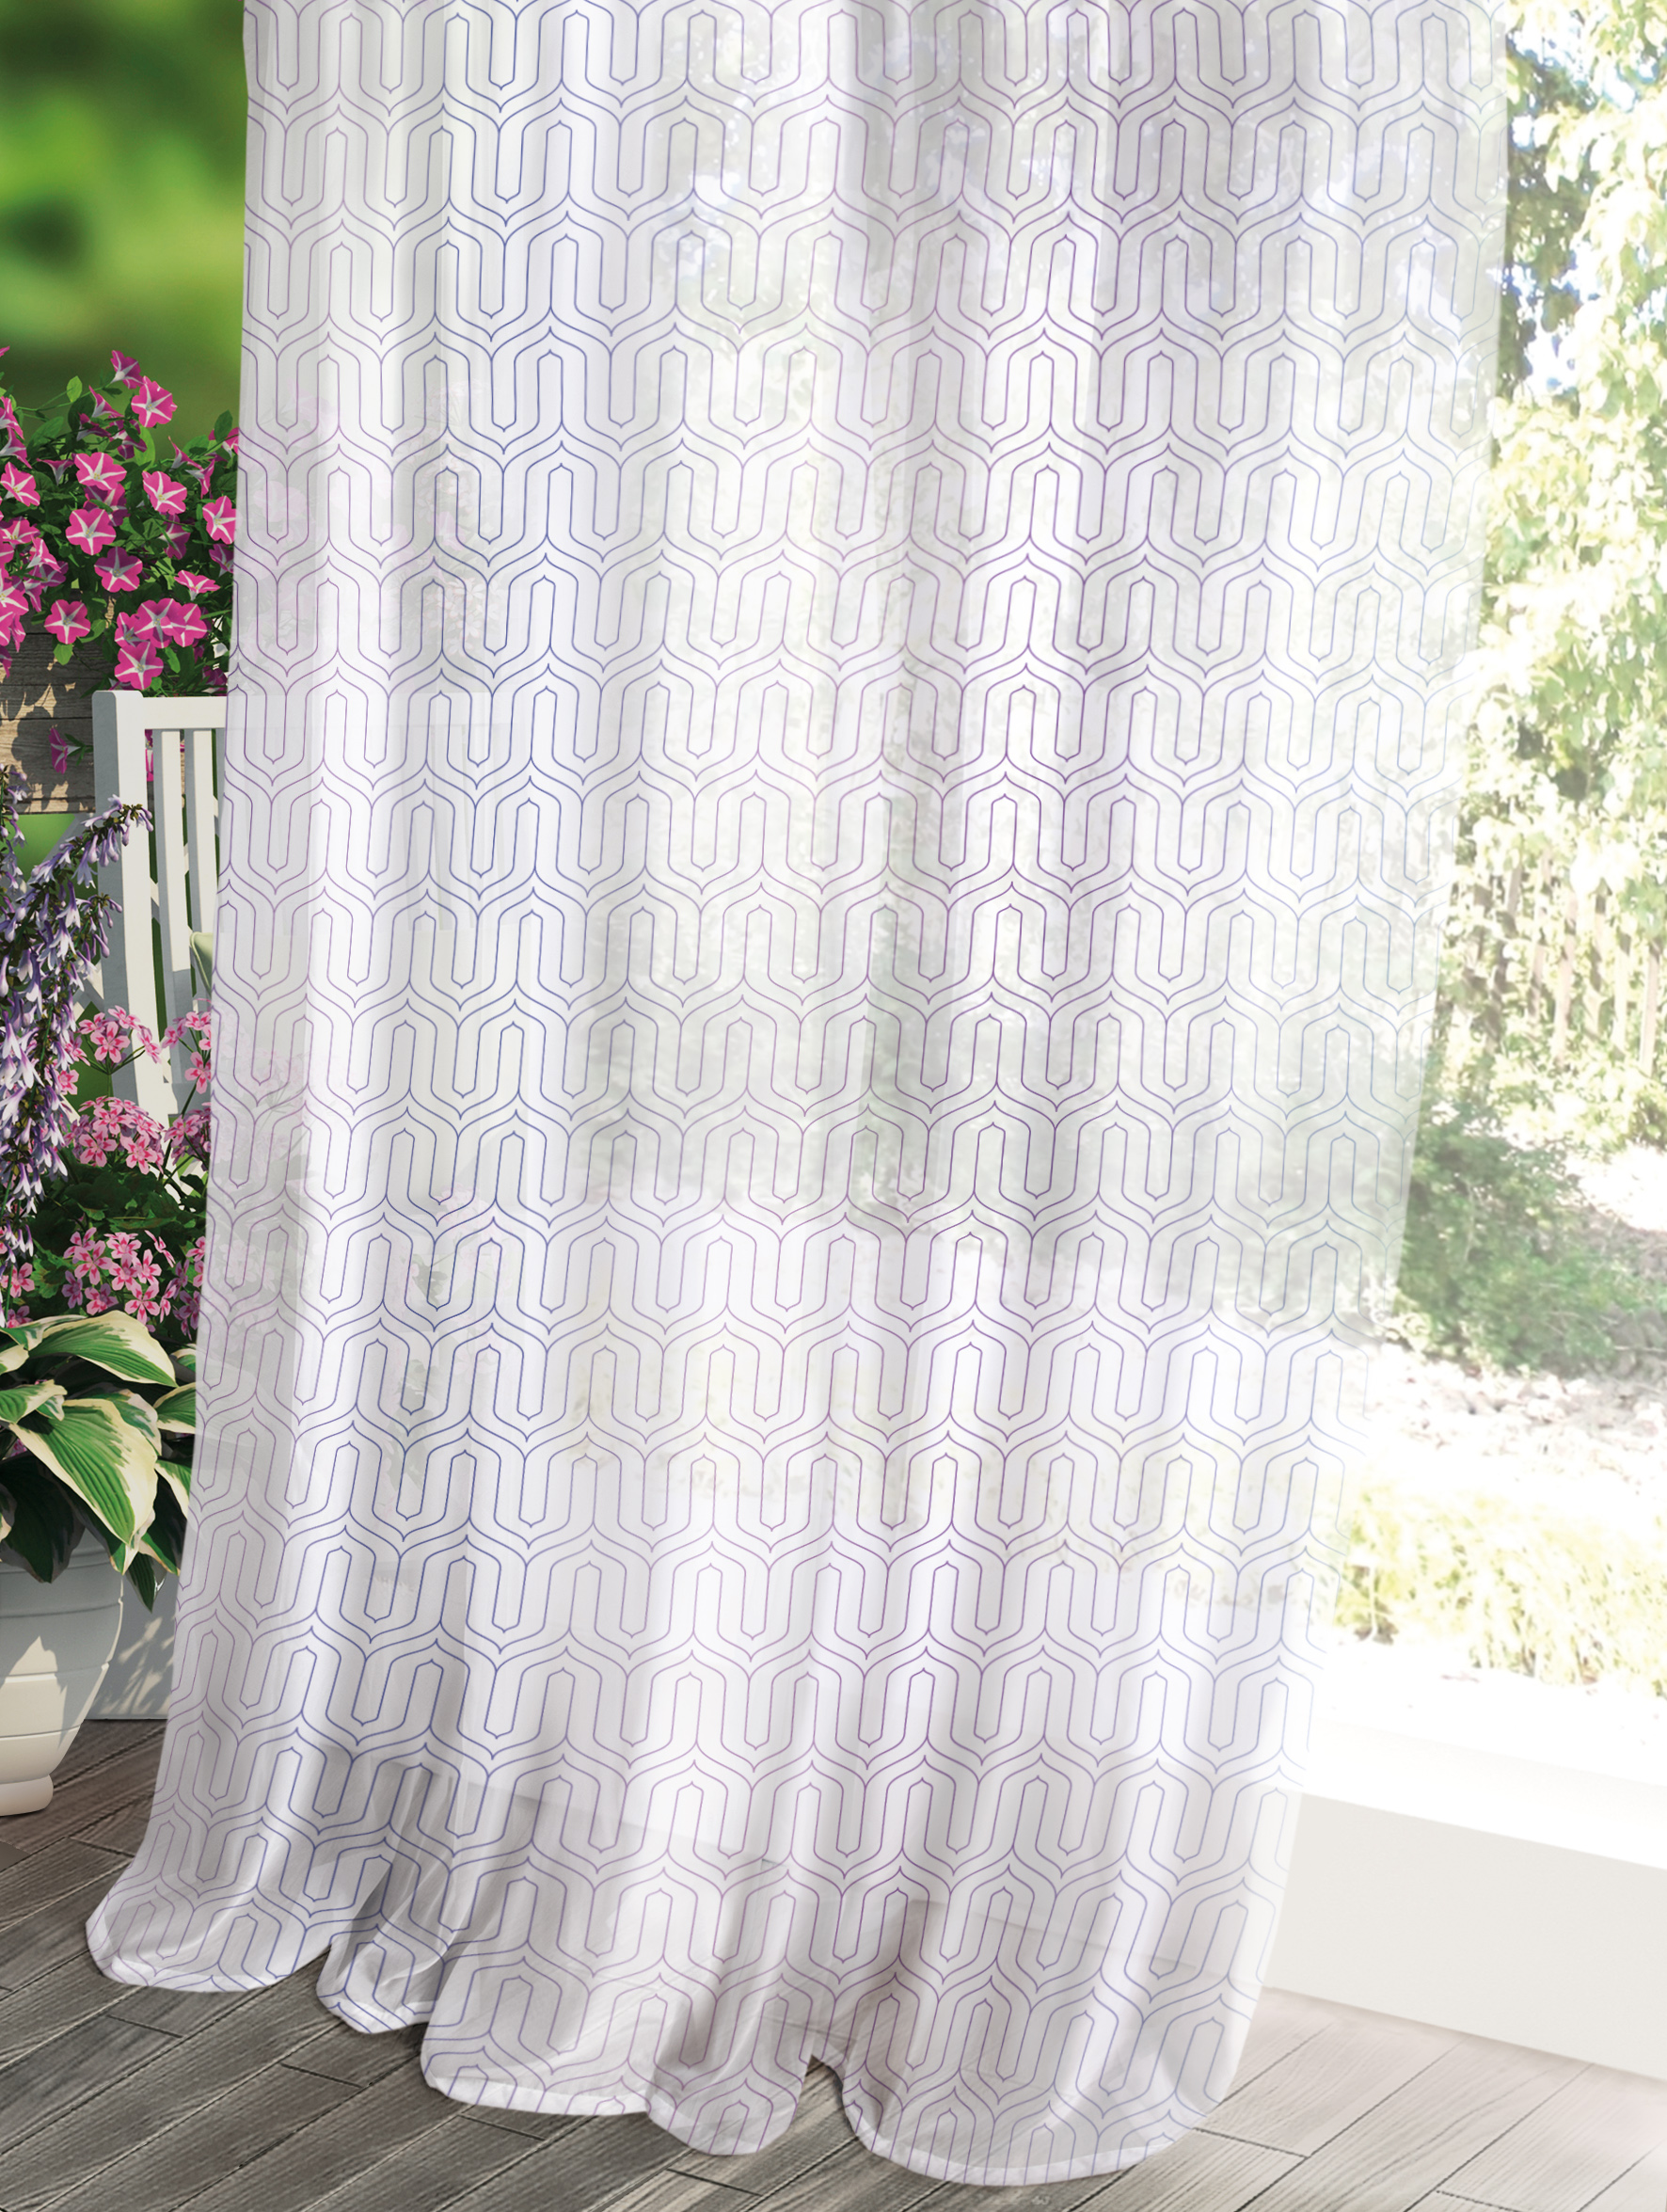 Комплект штор Волшебная ночь Прованс, цвет: белый, 150 x 270 см, 2 шт штора волшебная ночь прованс цвет светло серый 150 x 270 см